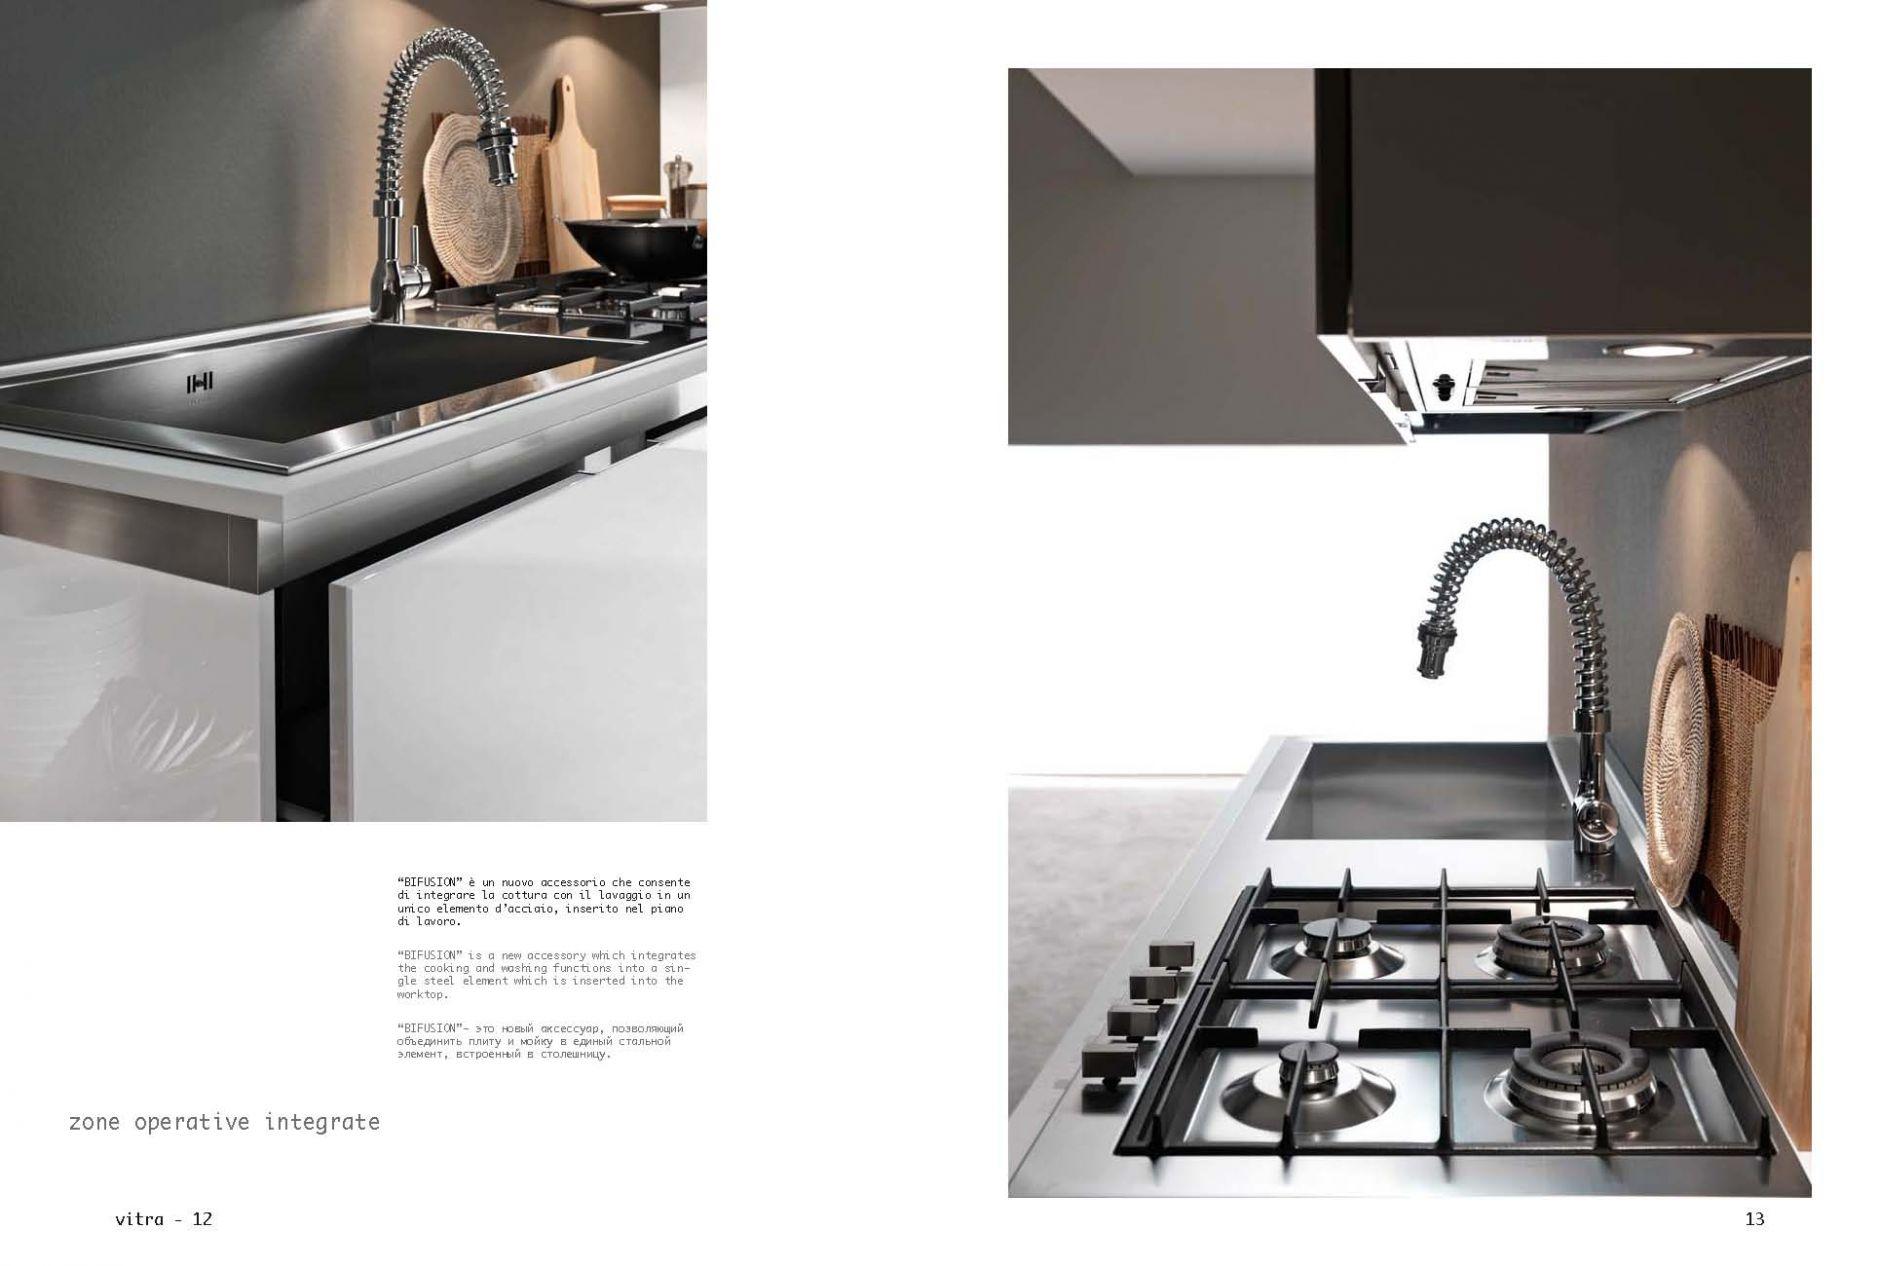 Cocinas Cocina Vitra Serie 1muebles De Italia # Nuovo Muebles Cocina